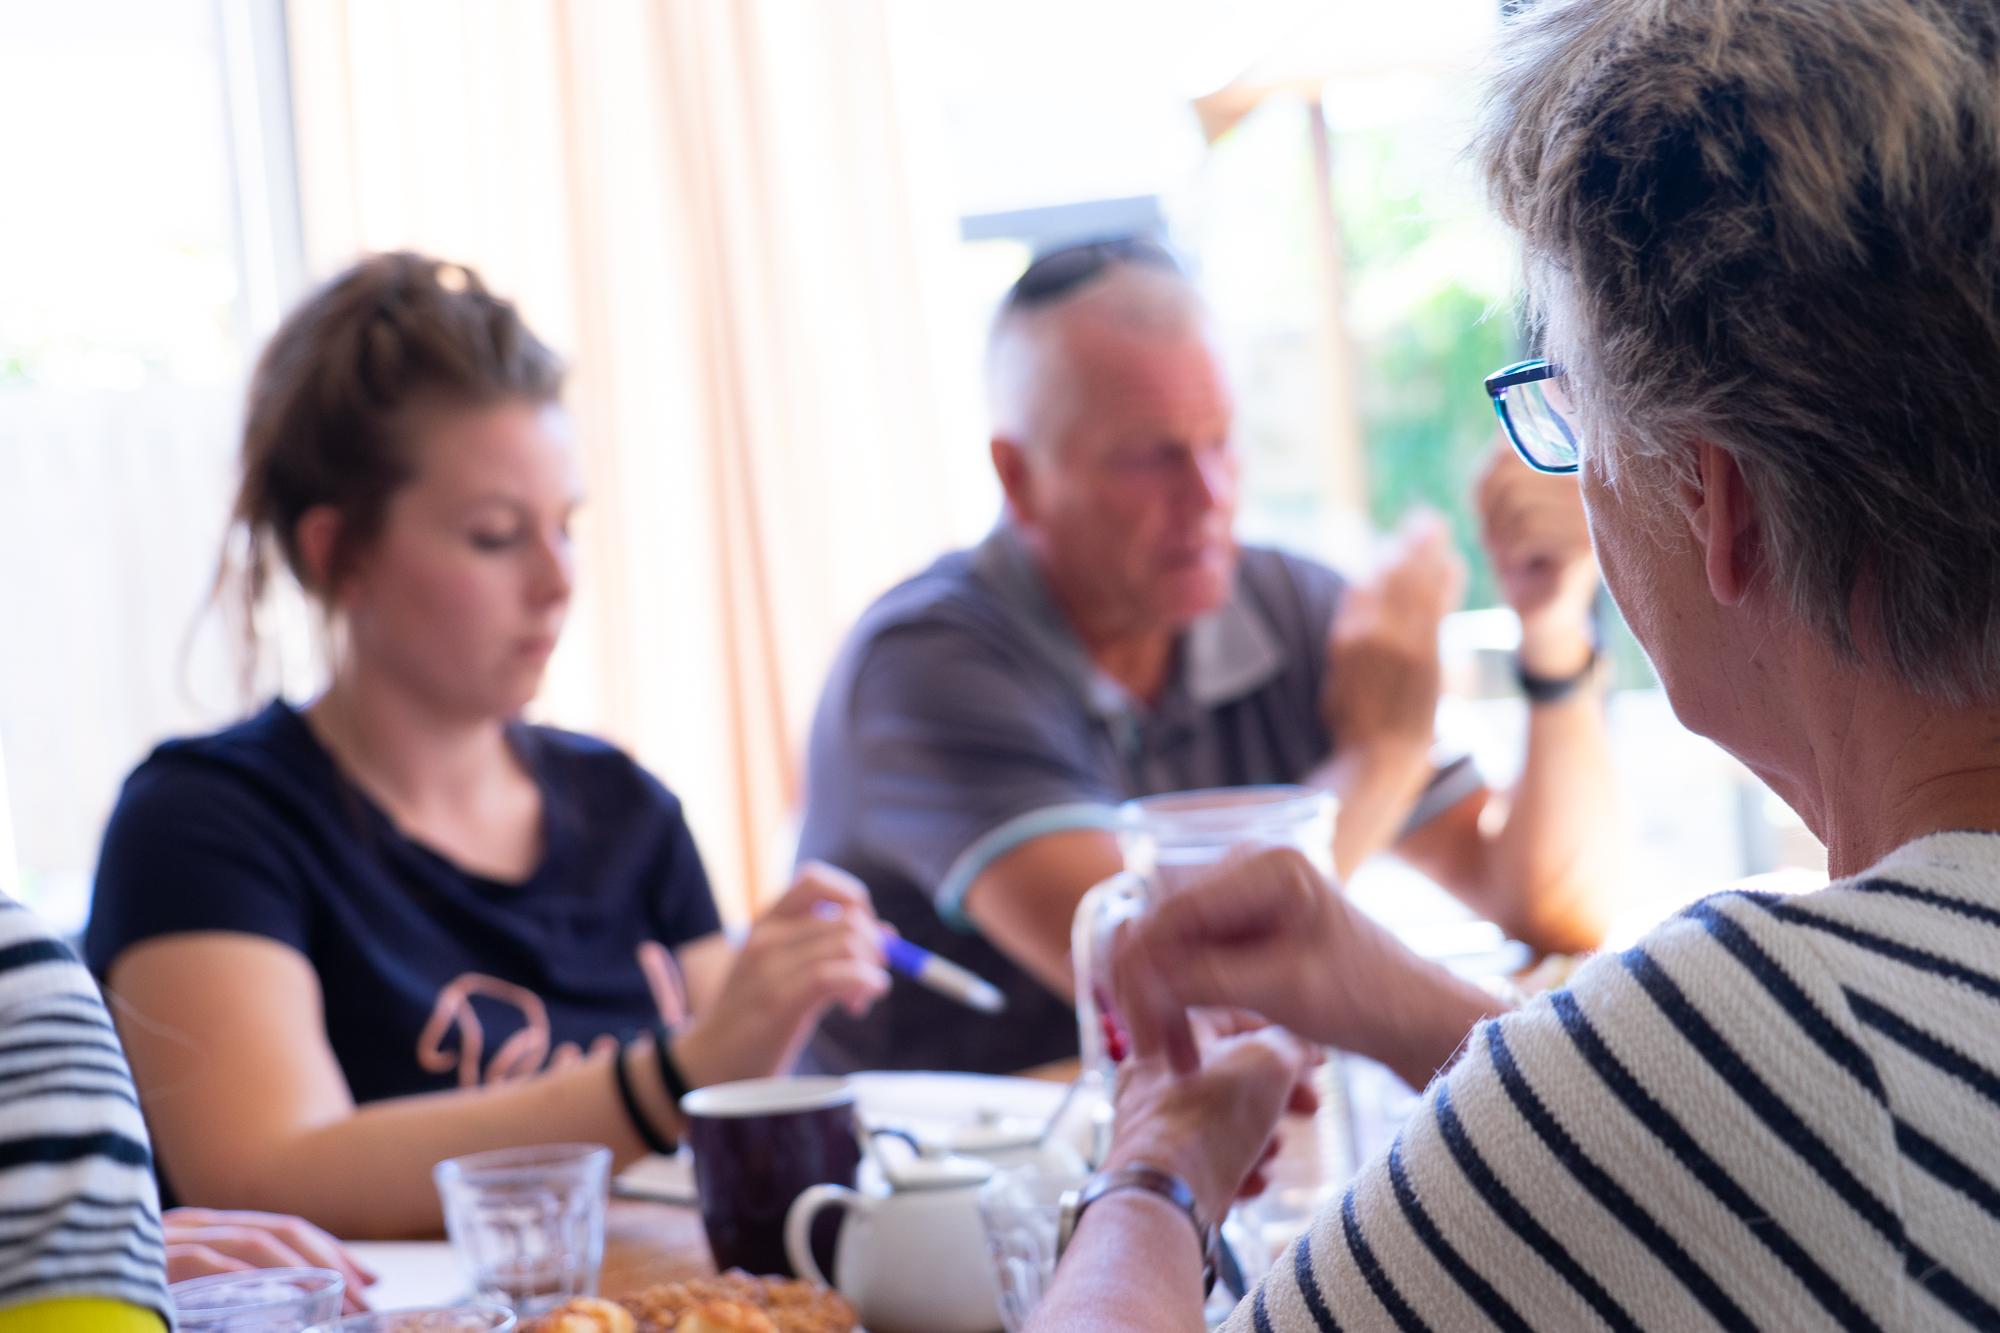 HalmZorg biedt begeleiding aan jongvolwassene met autisme en/of een licht verstandelijke beperking binnen onze 3 kleinschalige wooninitiatieven. In een periode van ongeveer 3 jaar begeleiden wij bewoners naar een zo groot mogelijke zelfstandigheid. Binnen deze beschermde woonvormen zal duidelijk worden wat de kwaliteiten en mogelijkheden van de bewoner zijn. -